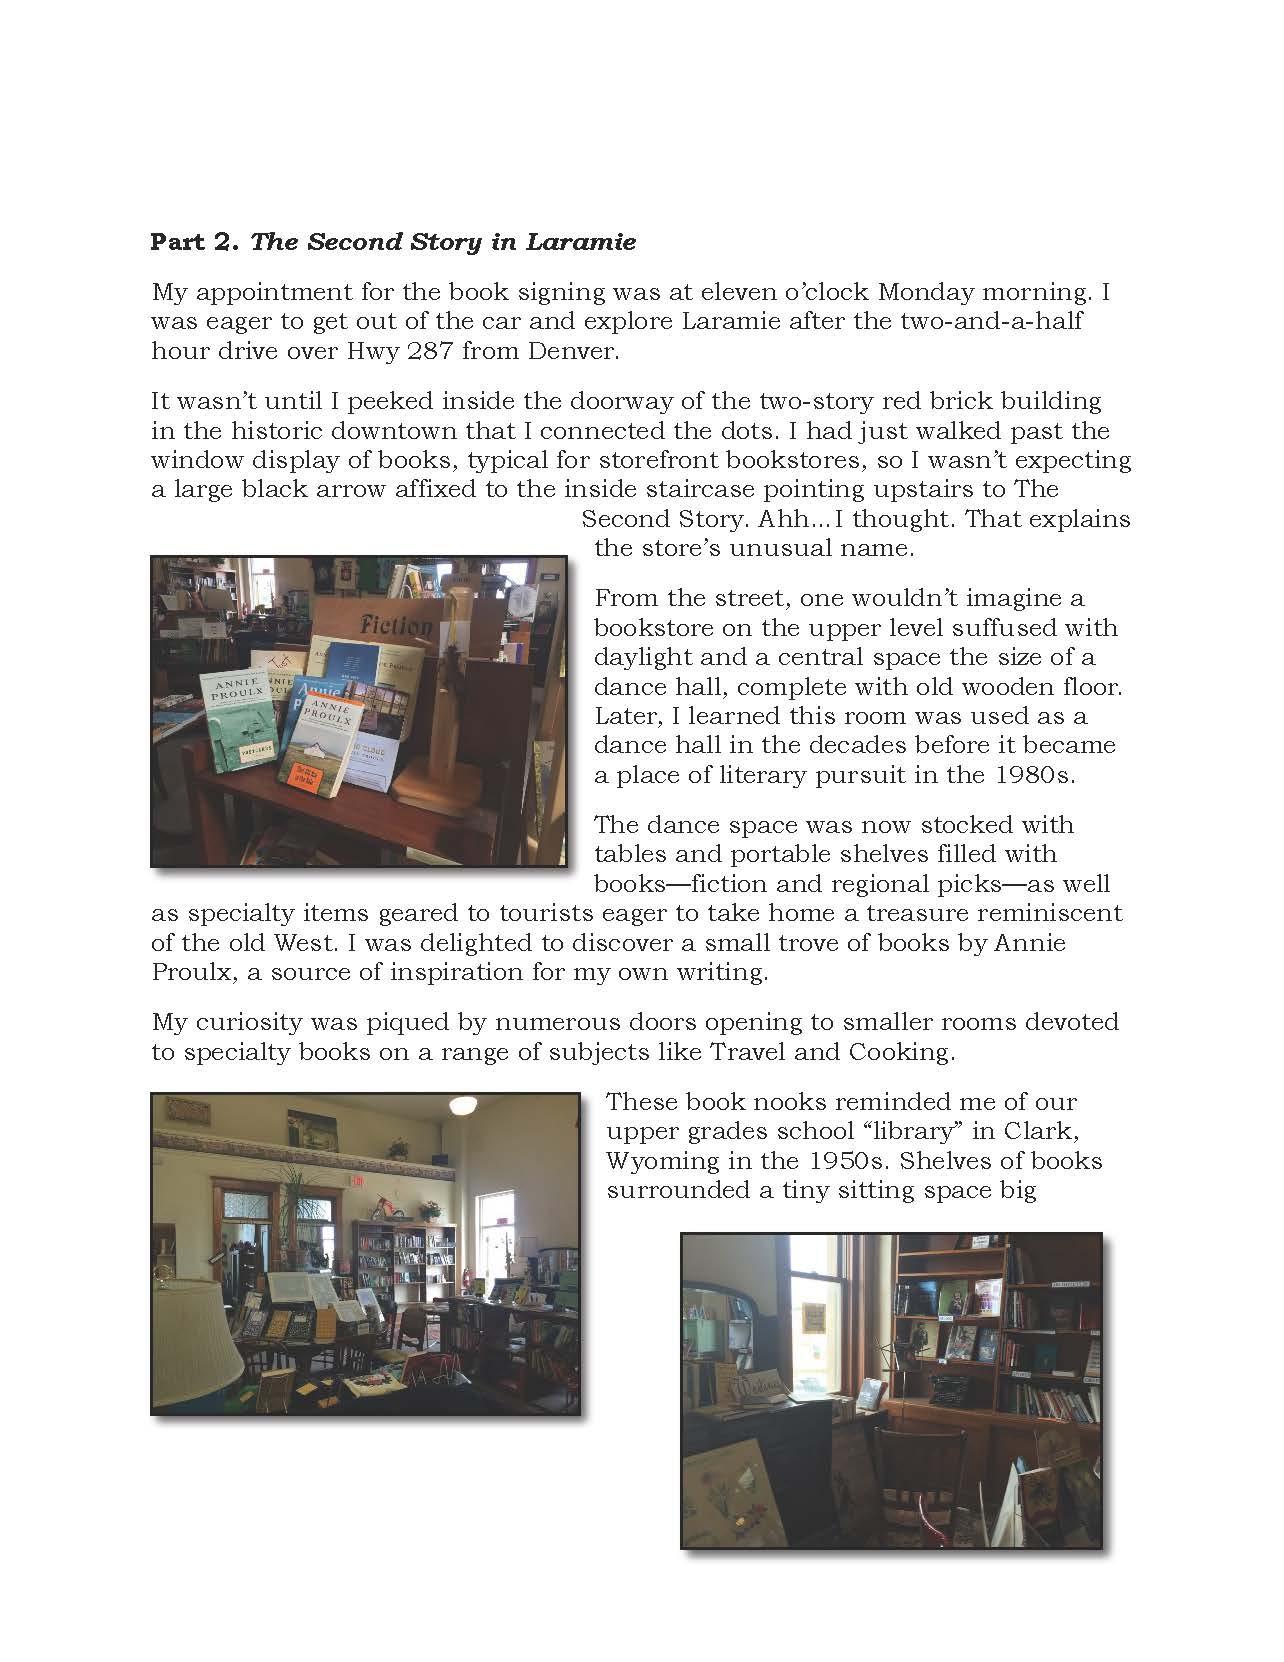 wyoming-book-tour-master-rev-10-23-16-1_page_03